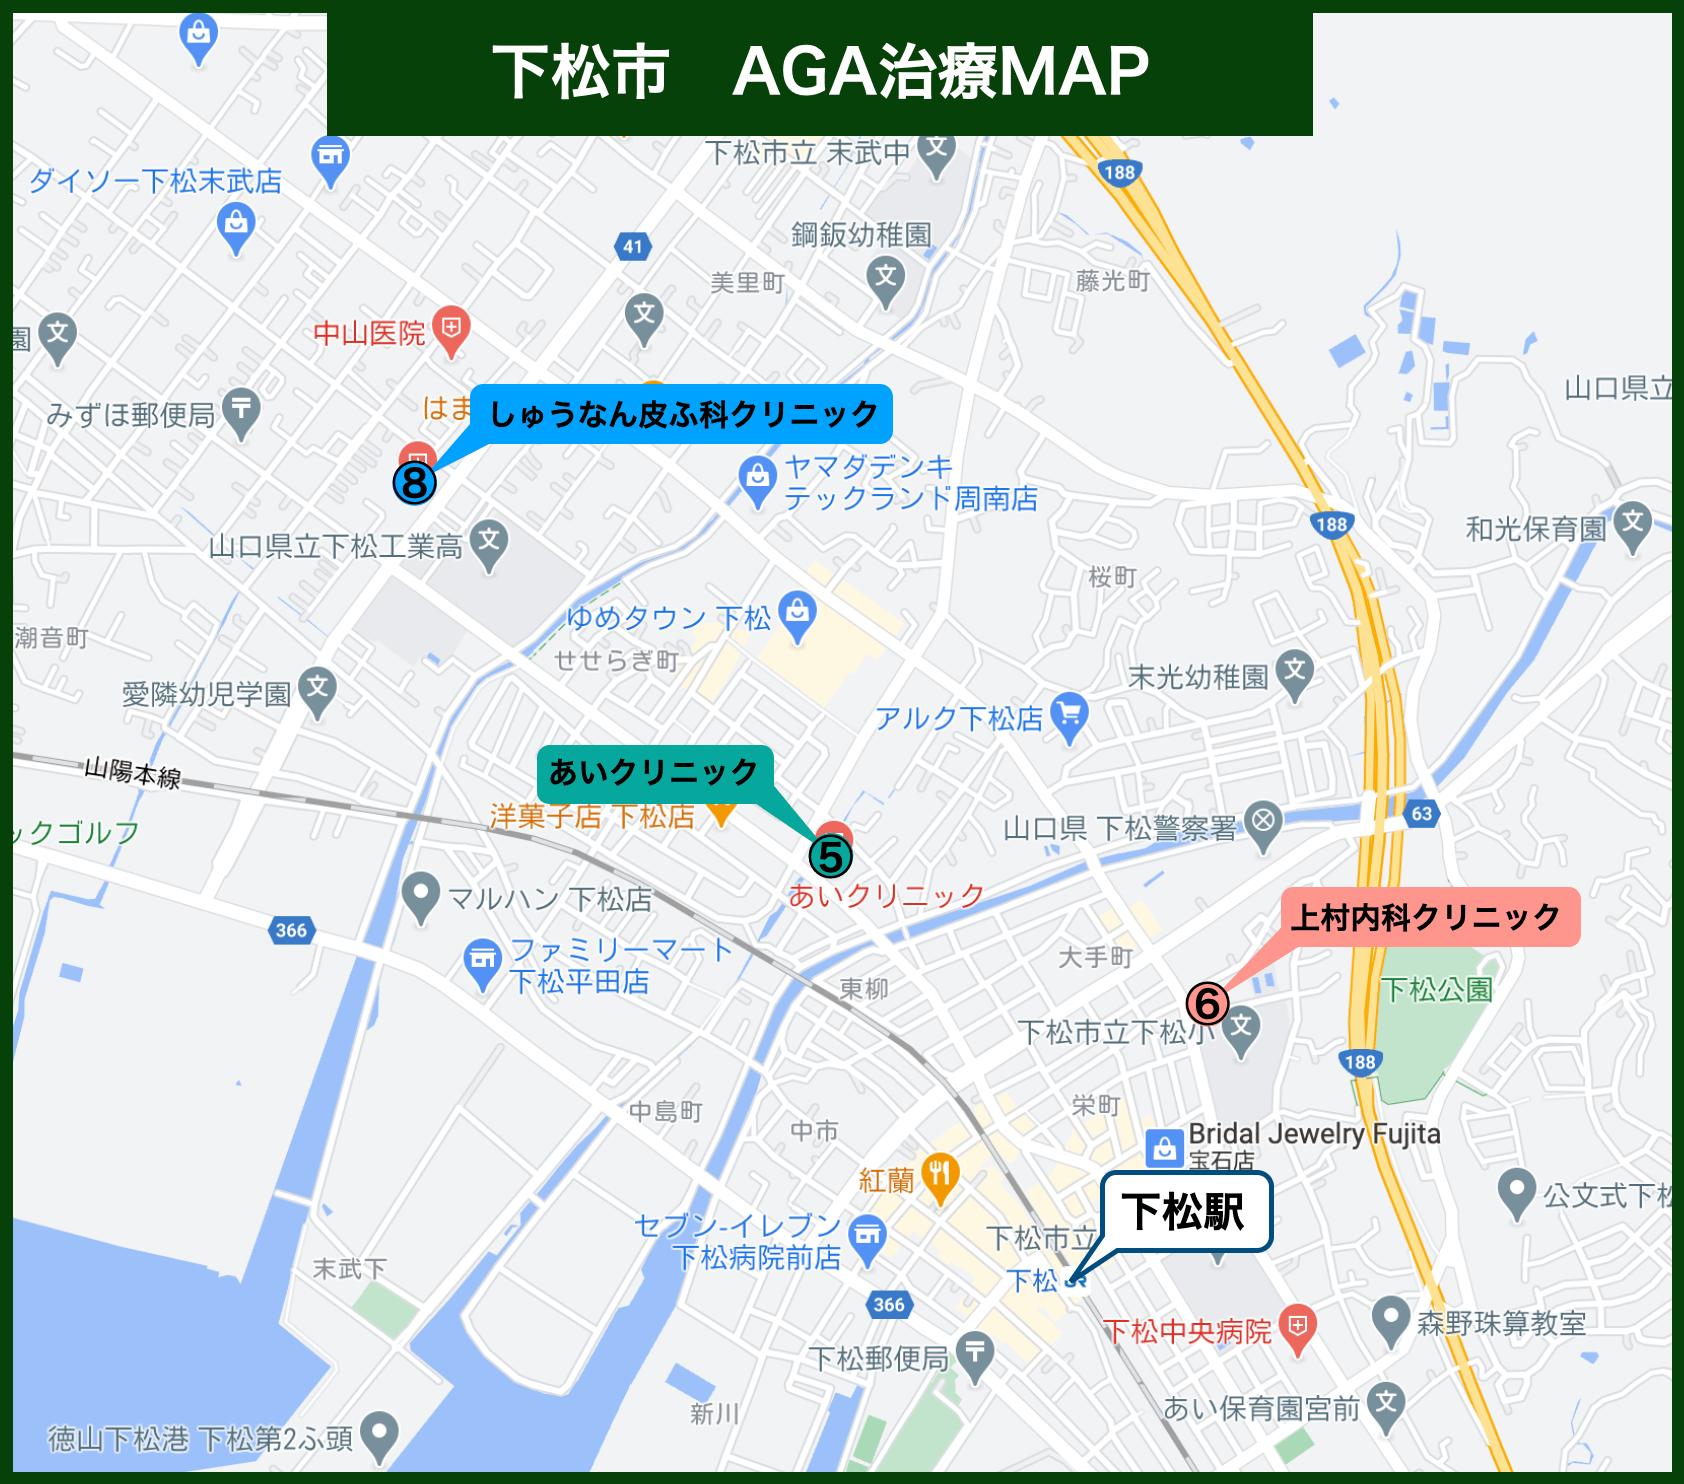 下松市 AGA治療MAP